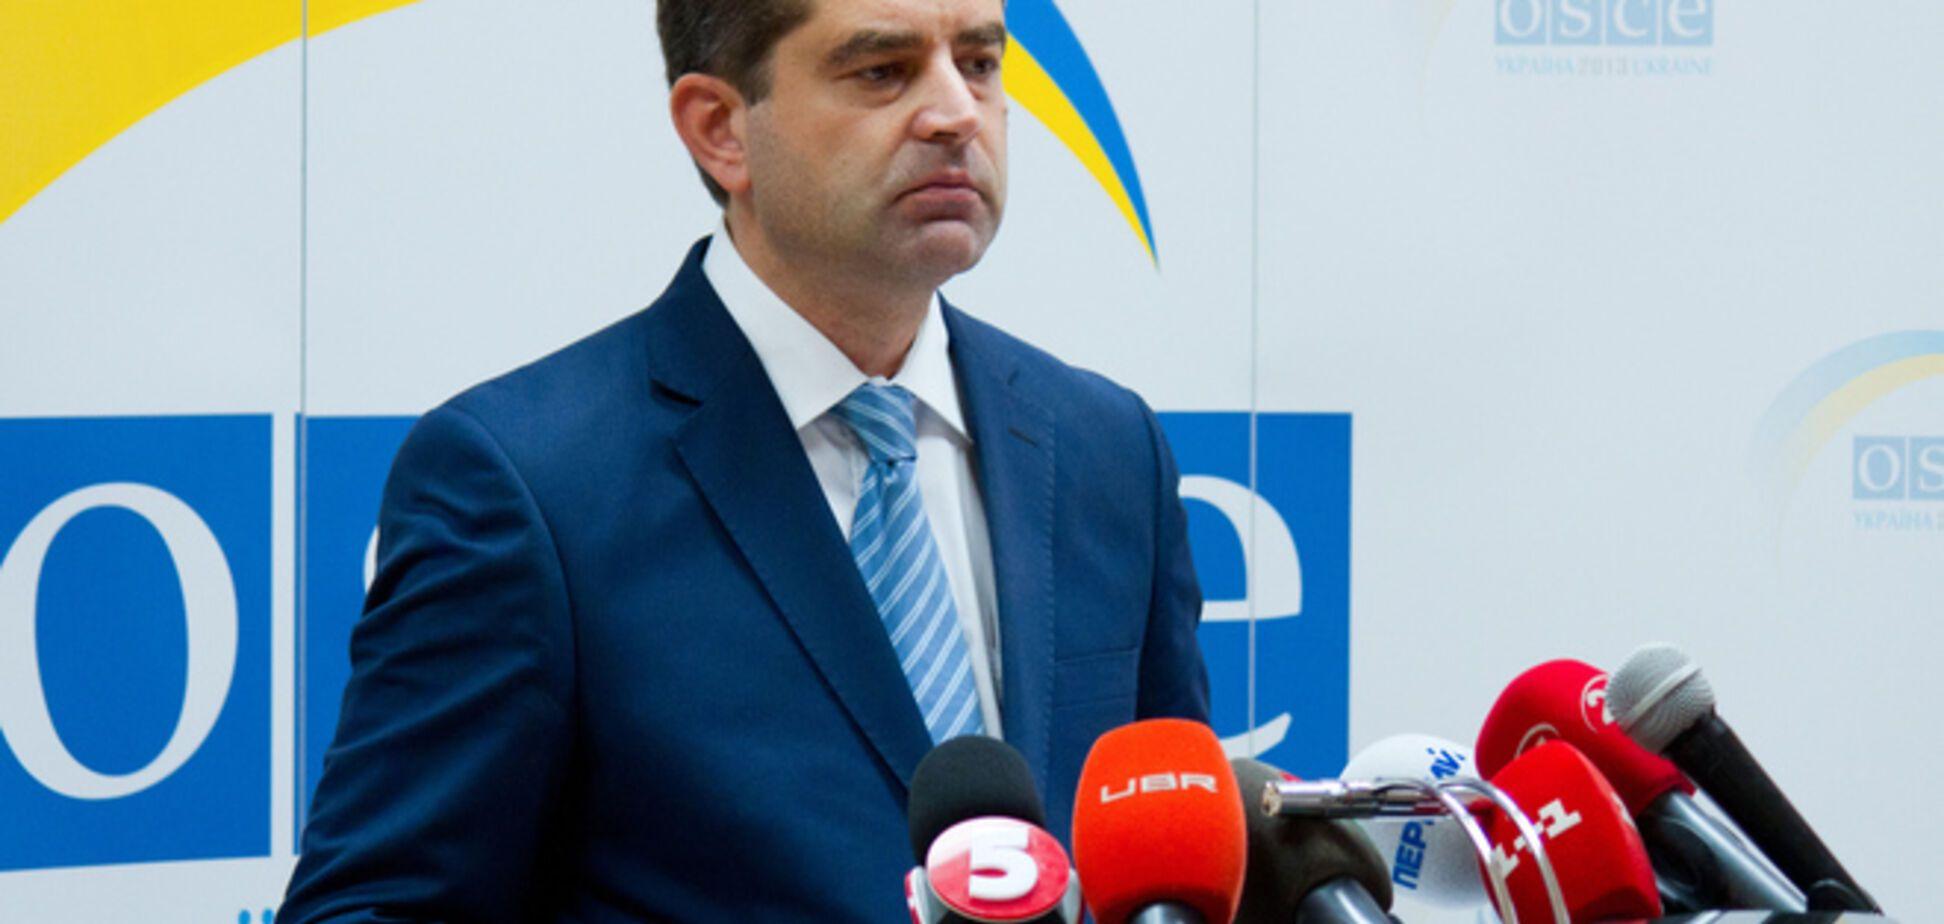 Боевики с помощью России захватили 500 кв км украинской территории – МИД Украины